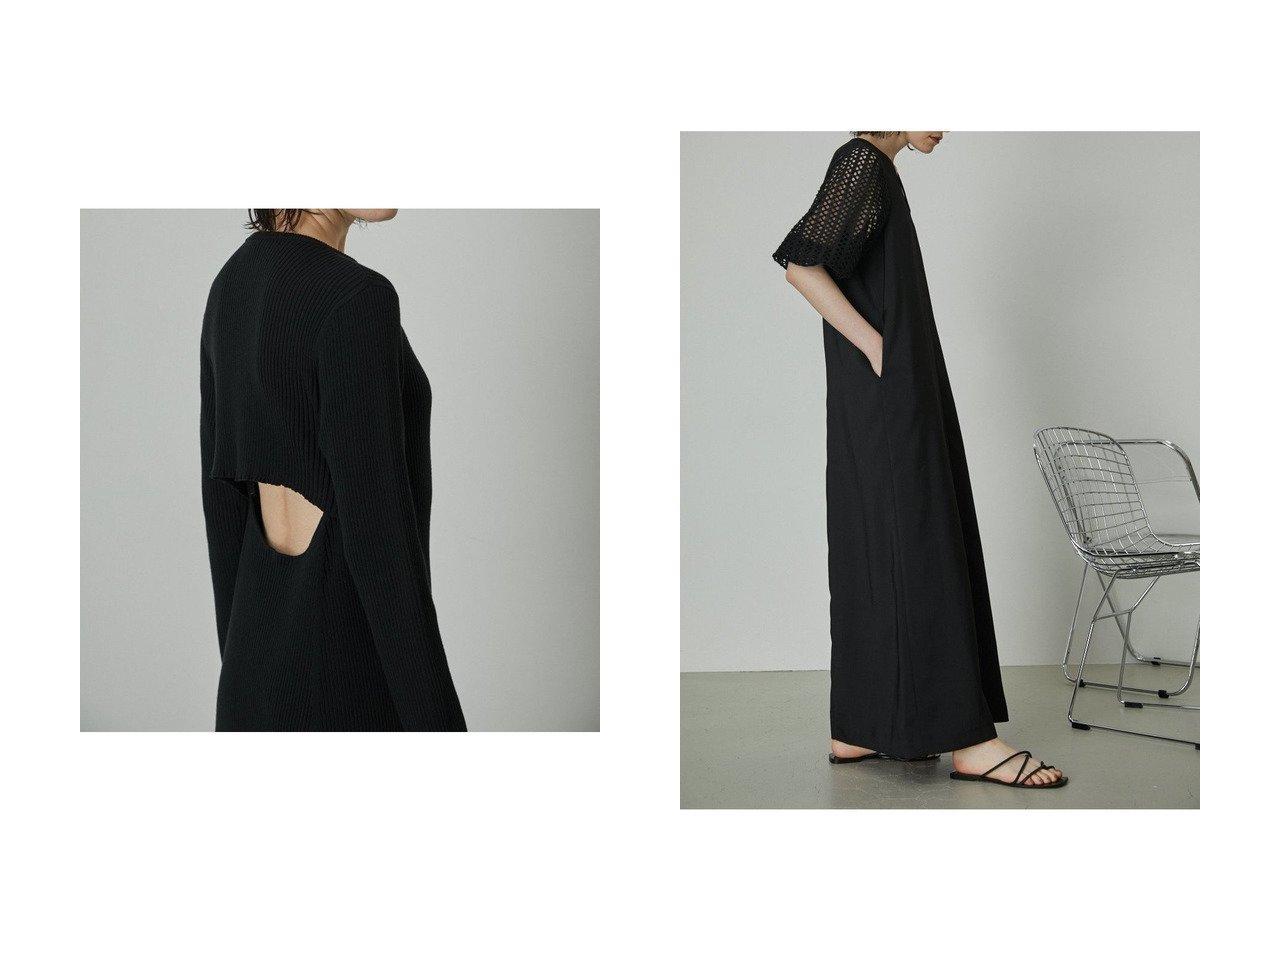 【RIM.ARK/リムアーク】のワンピース&ワンピース 【ワンピース・ドレス】おすすめ!人気、トレンド・レディースファッションの通販 おすすめ人気トレンドファッション通販アイテム インテリア・キッズ・メンズ・レディースファッション・服の通販 founy(ファニー)  ファッション Fashion レディースファッション WOMEN ワンピース Dress ドレス Party Dresses チュニック Tunic エレガント カッティング チュニック バランス フレア マキシ ロング ブラック系 Black |ID:crp329100000060287